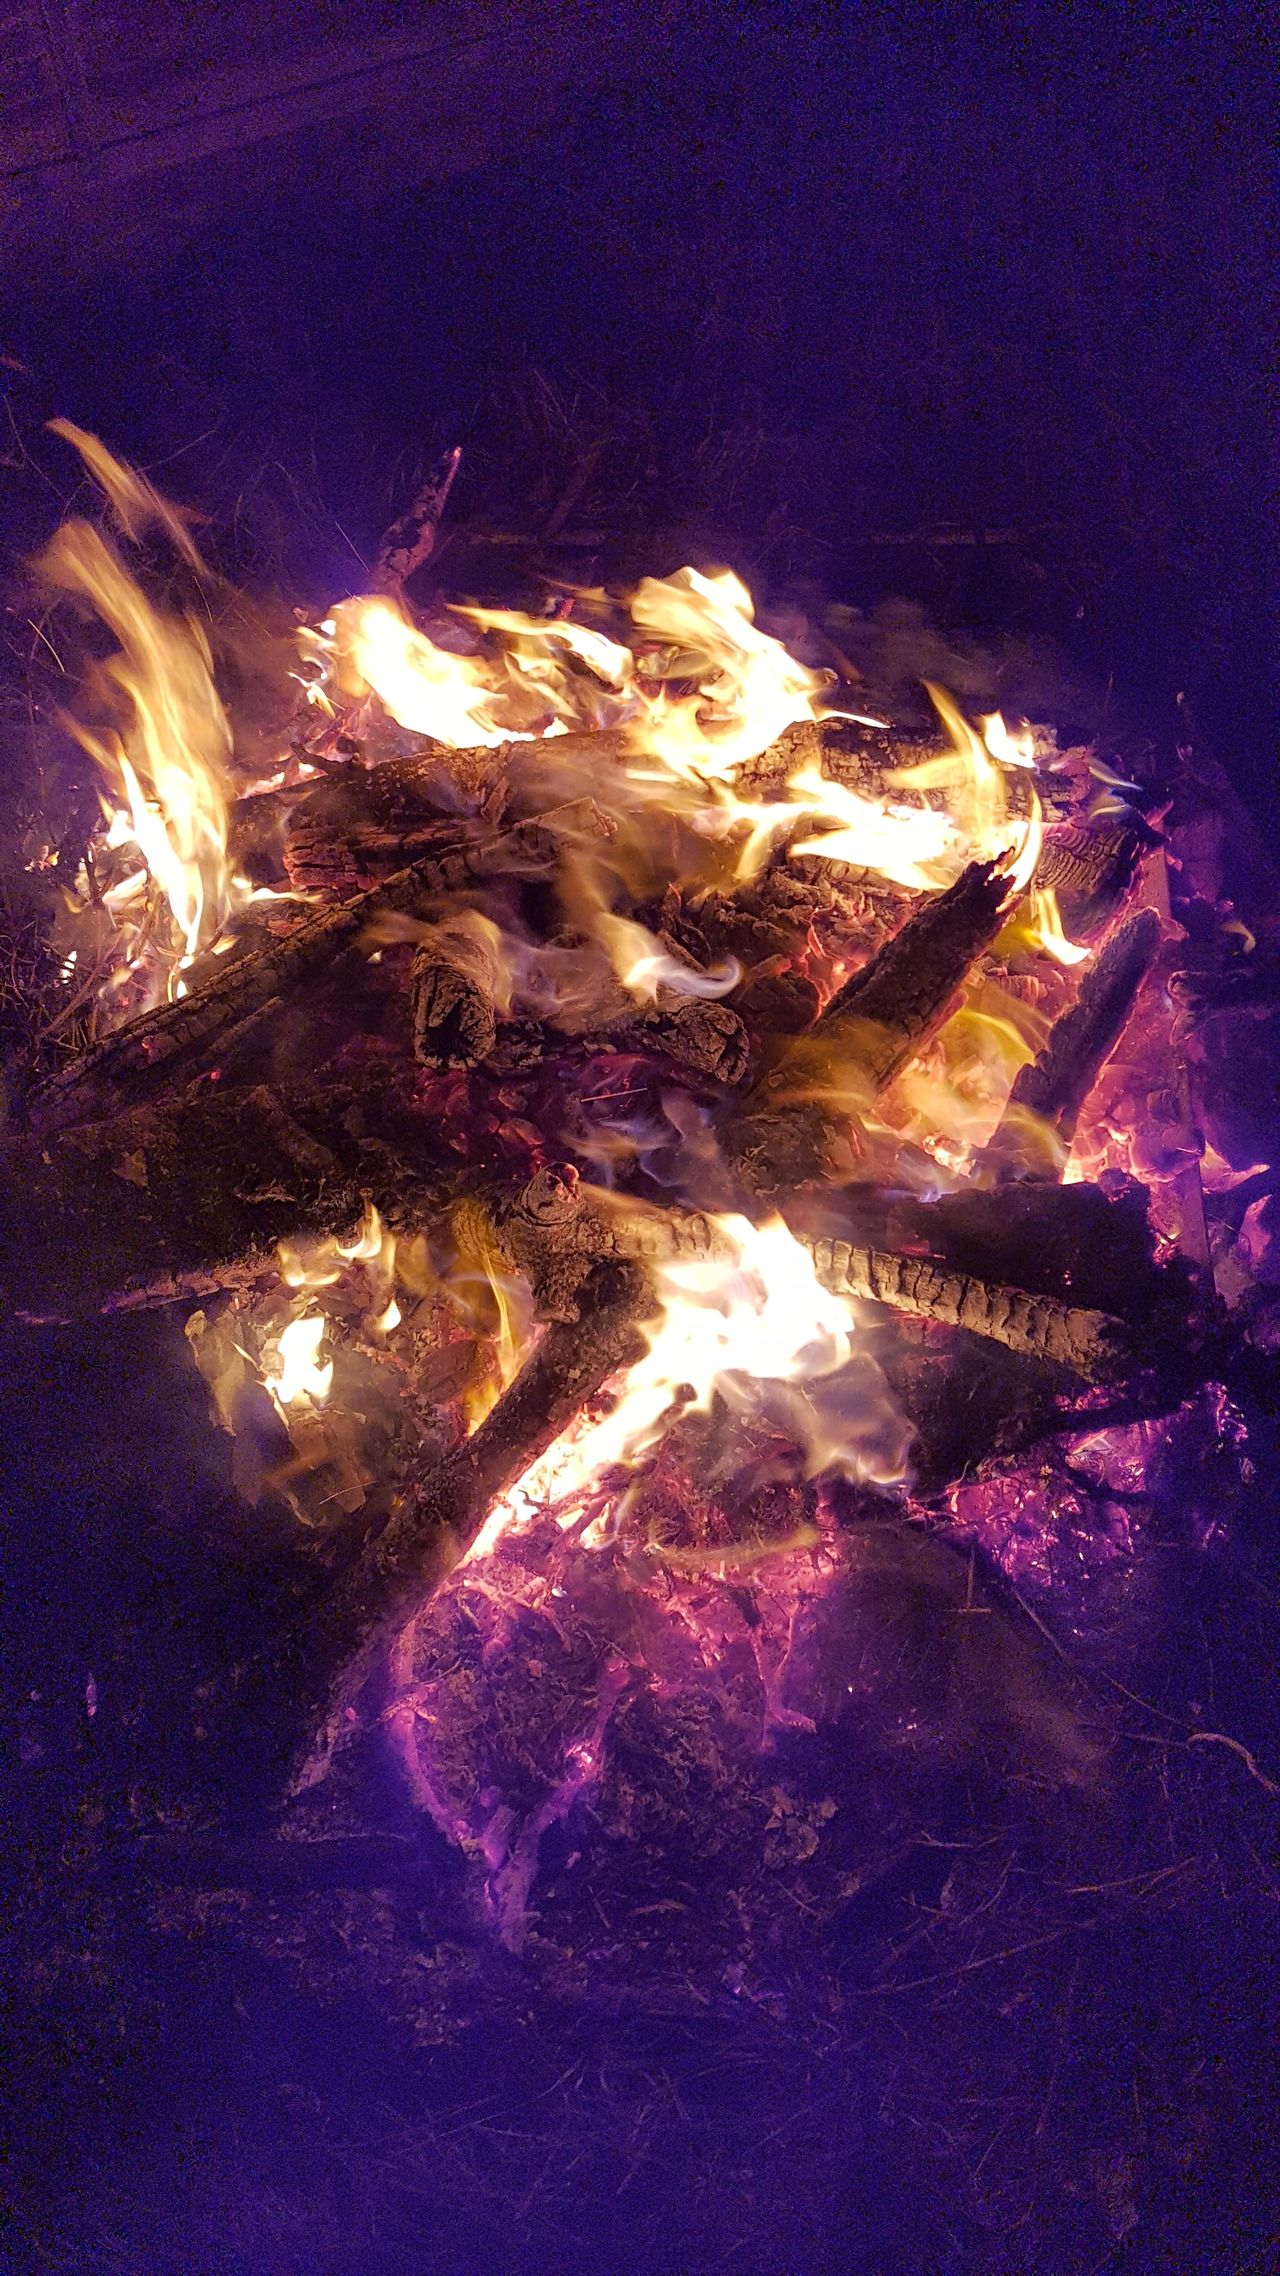 Bombfire Friends BBQ Firewood Fire